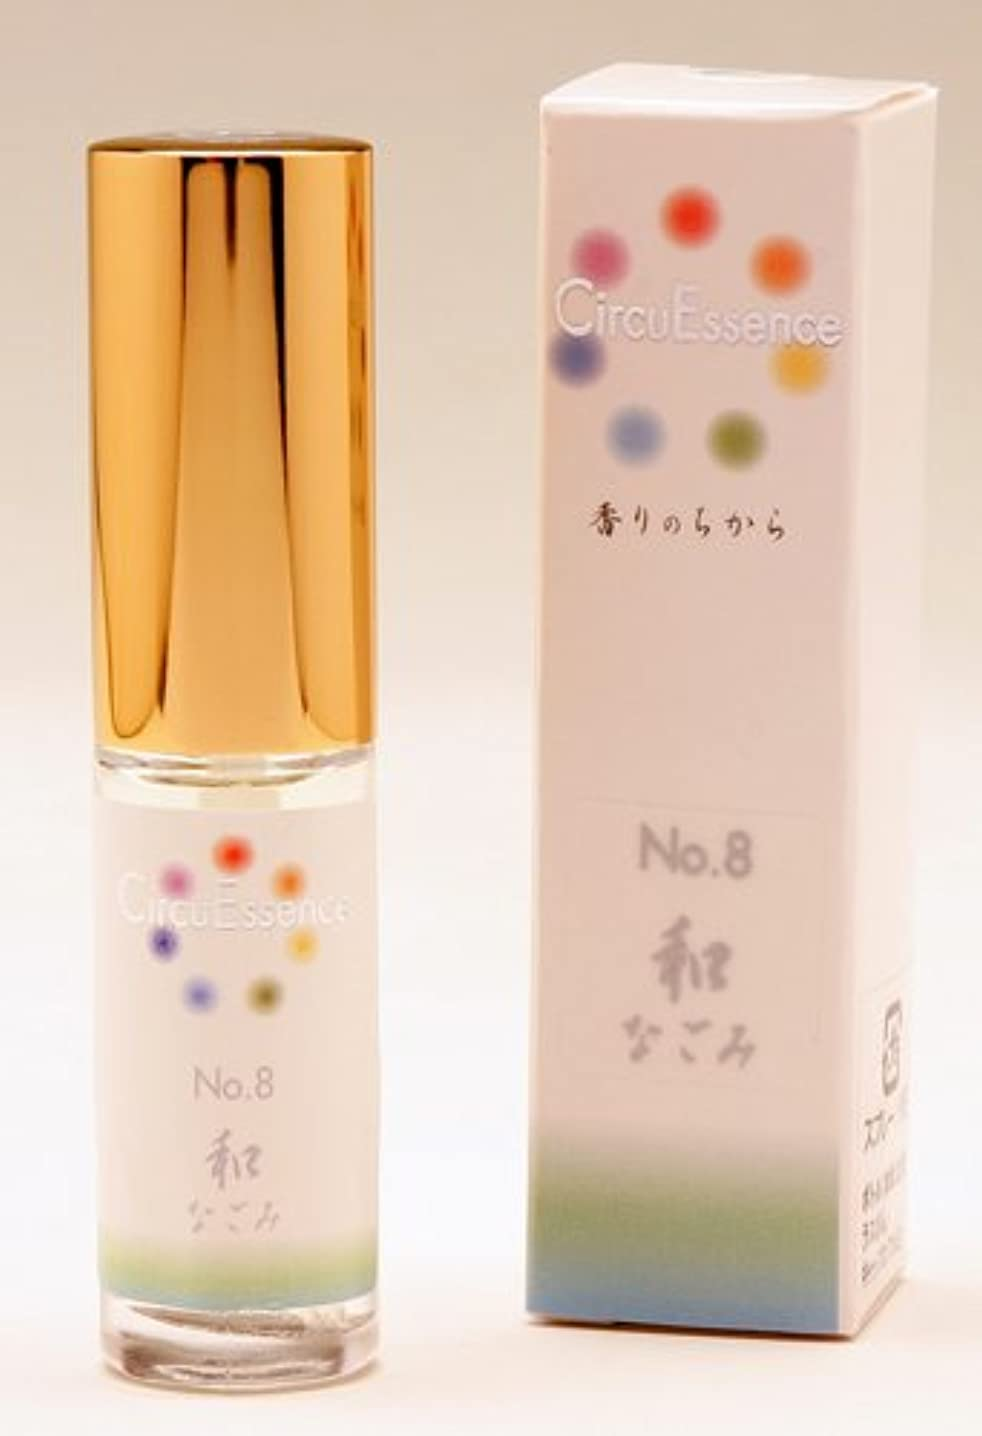 意識ベットジュースサーキュエッセンス No.8(和 なごみ)5ml